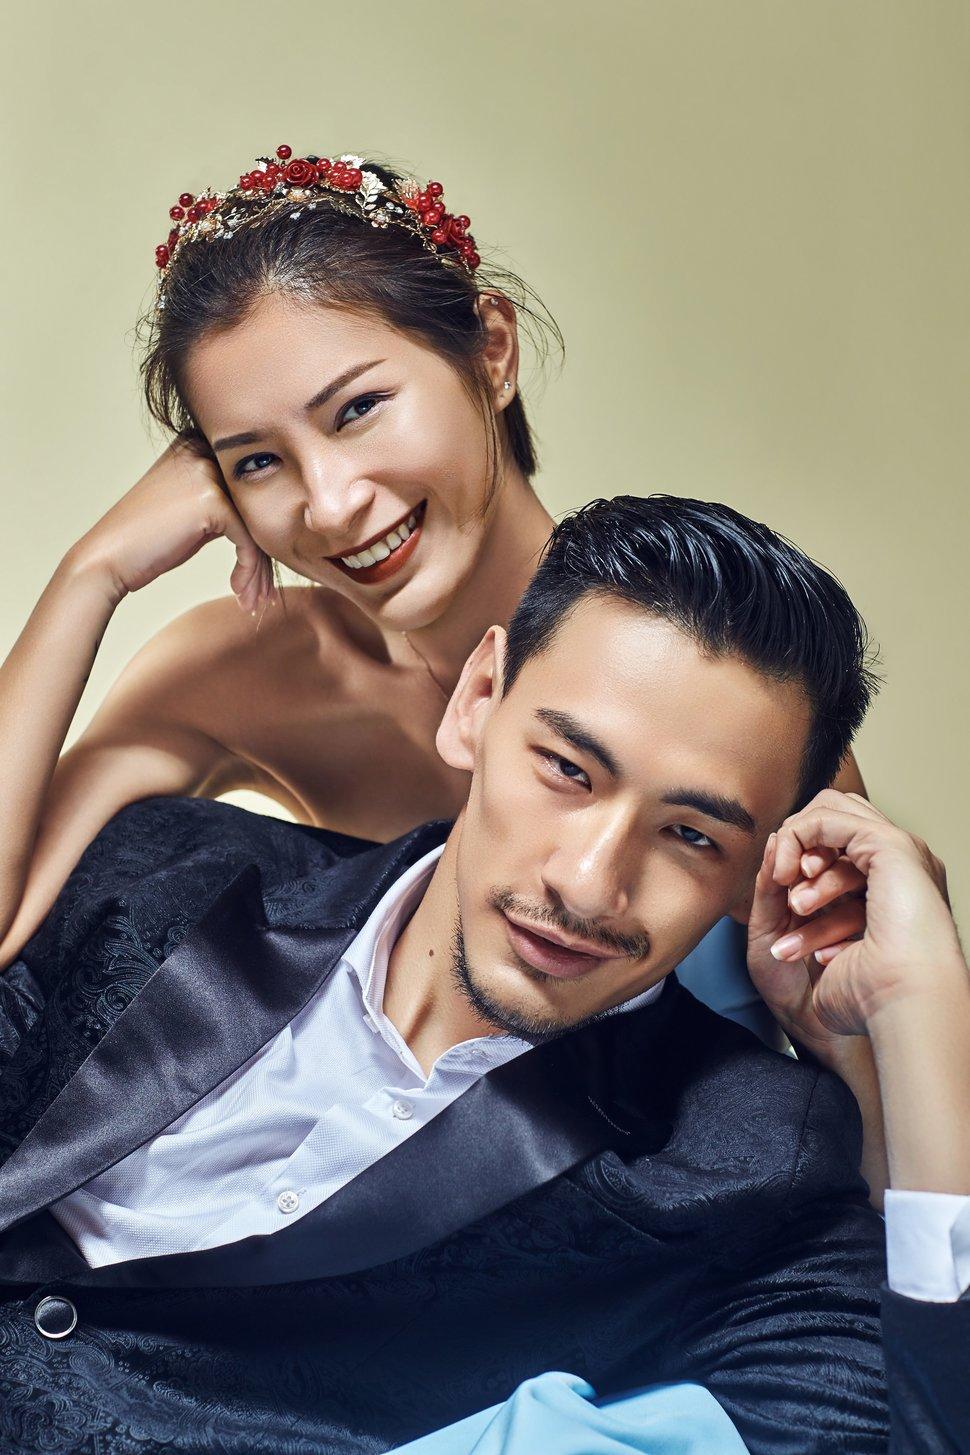 幸福光影|時尚韓式婚紗|慕思攝影13 - 慕思 muse 攝影 - 結婚吧